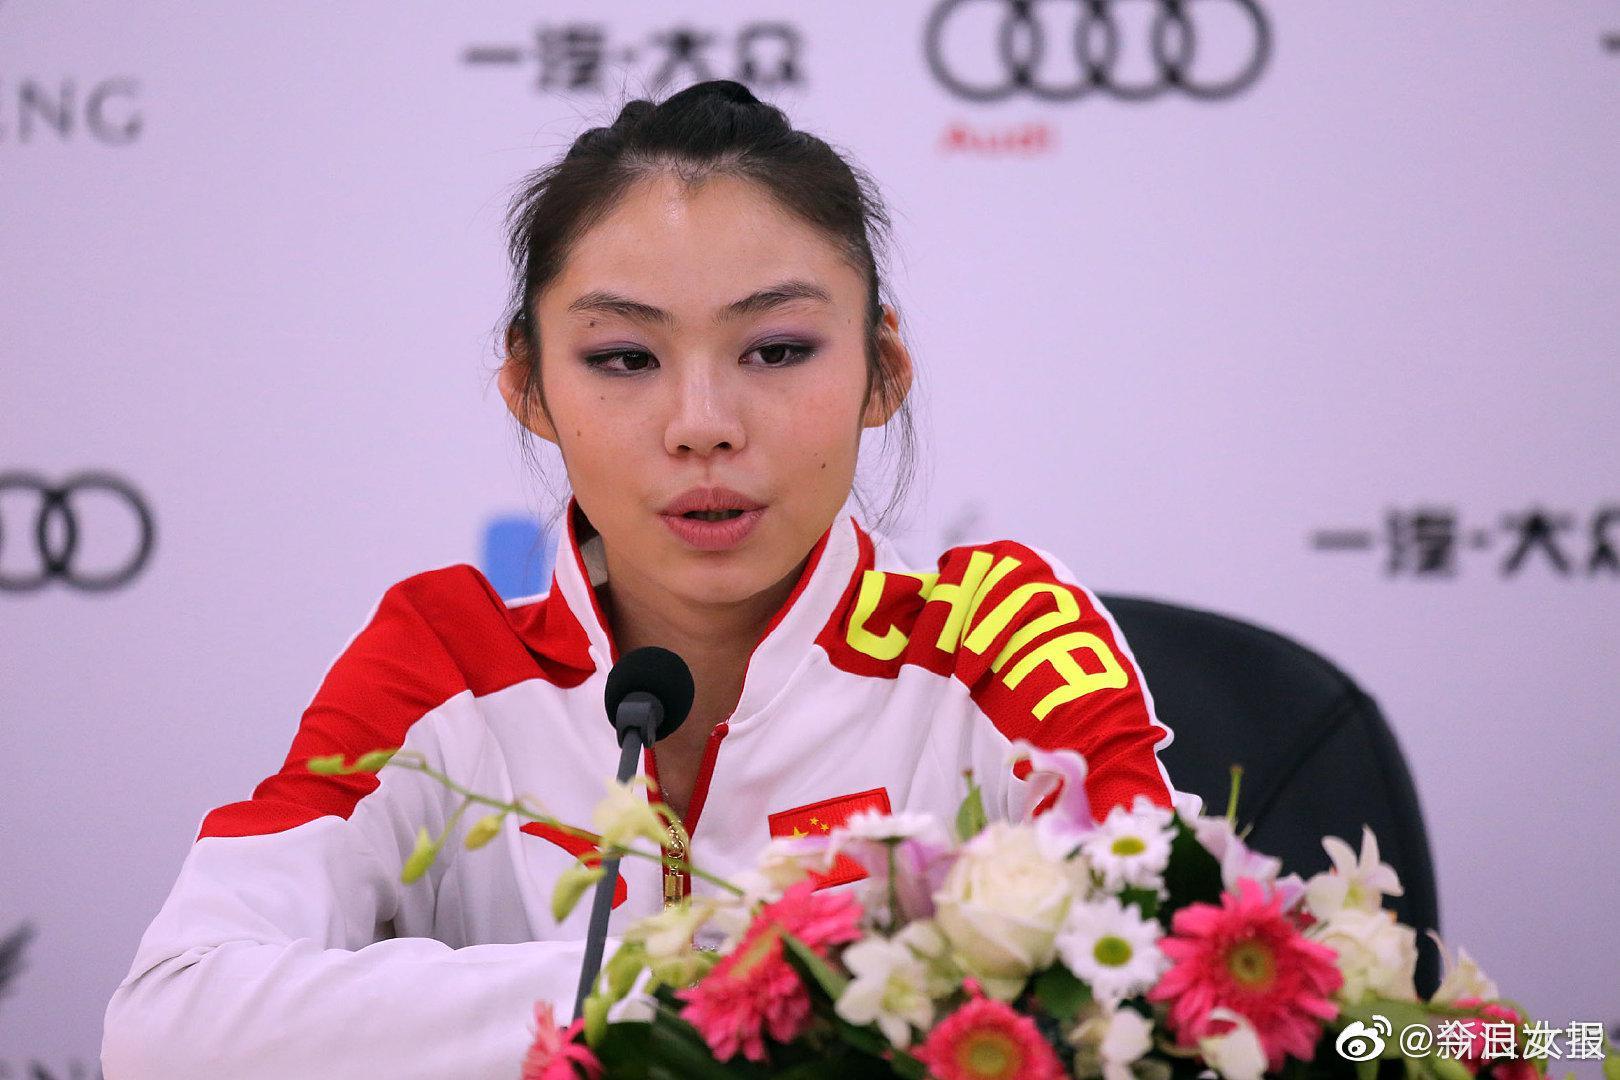 中国花样滑冰双人滑名将于小雨